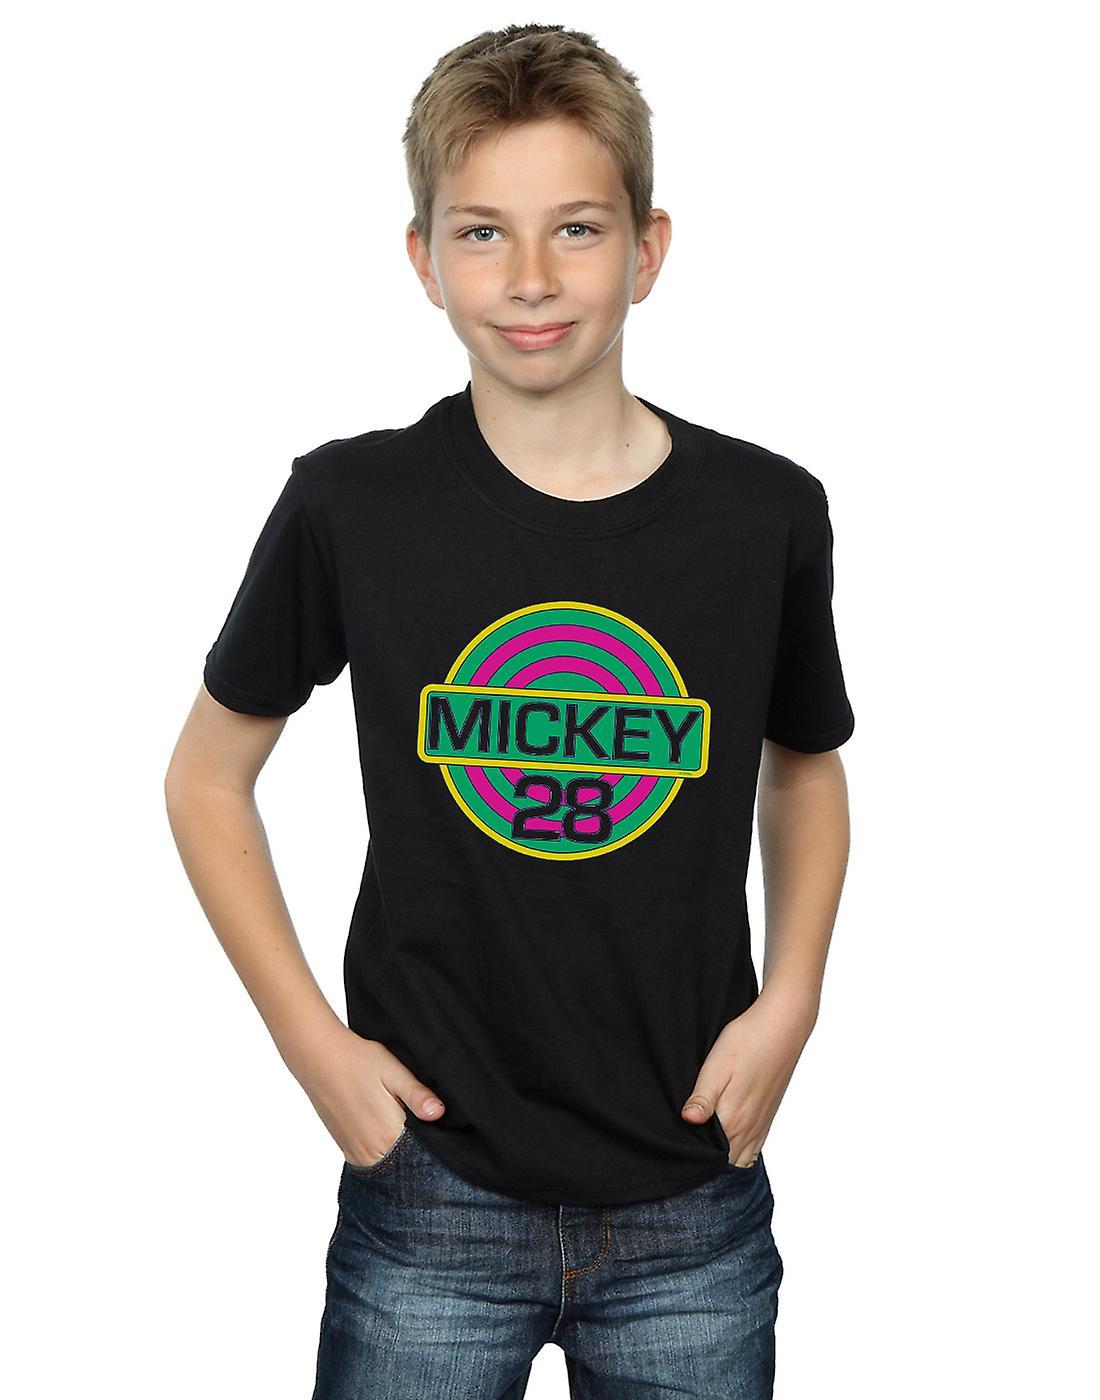 Disney Boys Mickey Mouse Mickey 28 T-Shirt